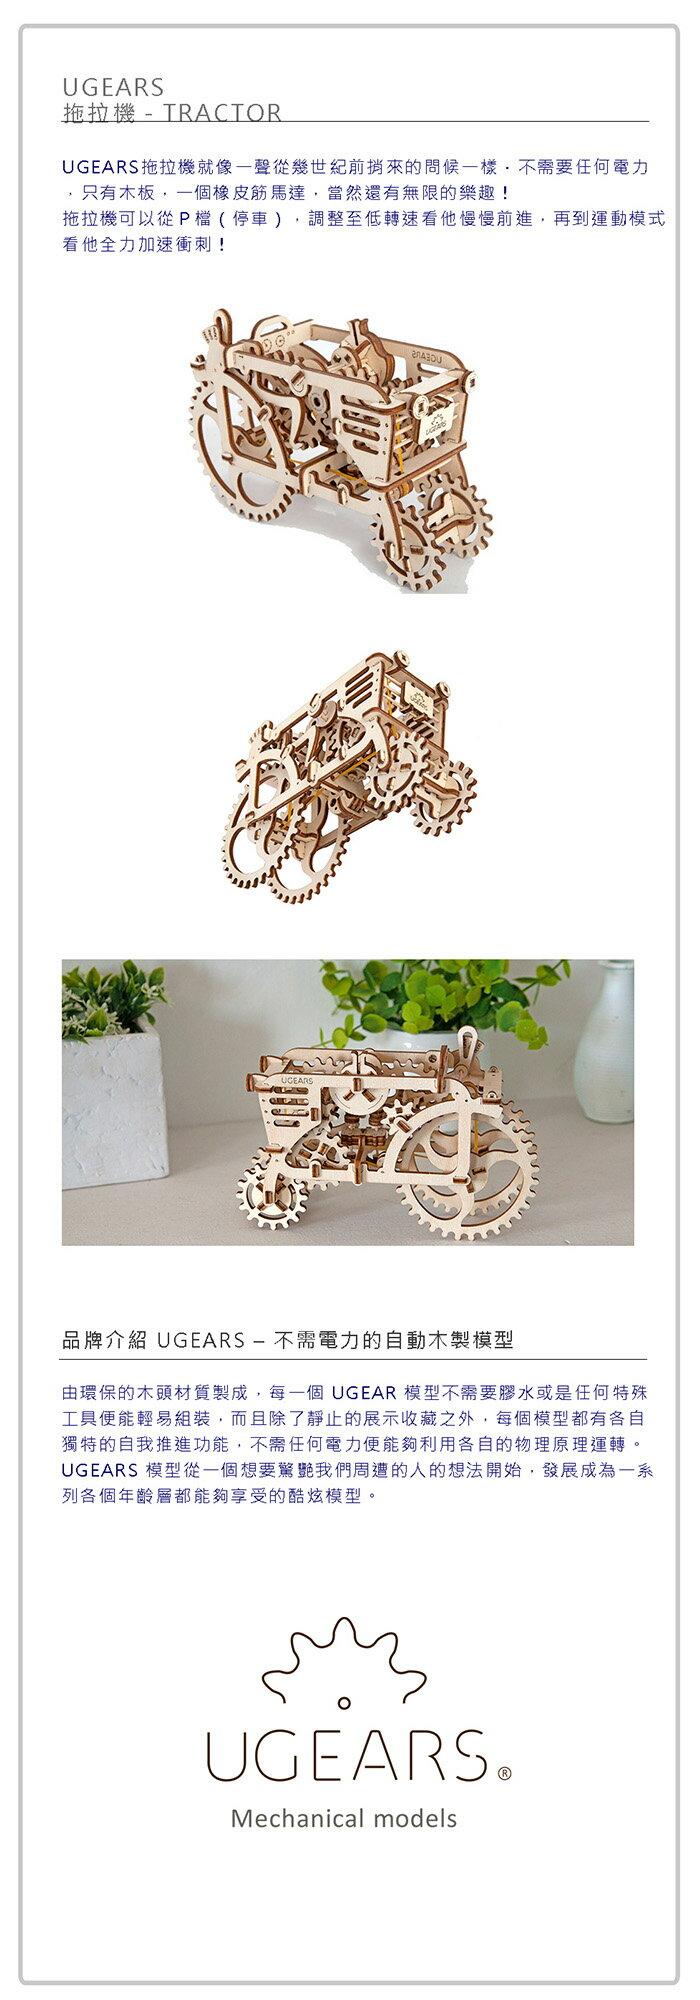 Ugears 自我推進模型 (Tractor 拖拉機) 1